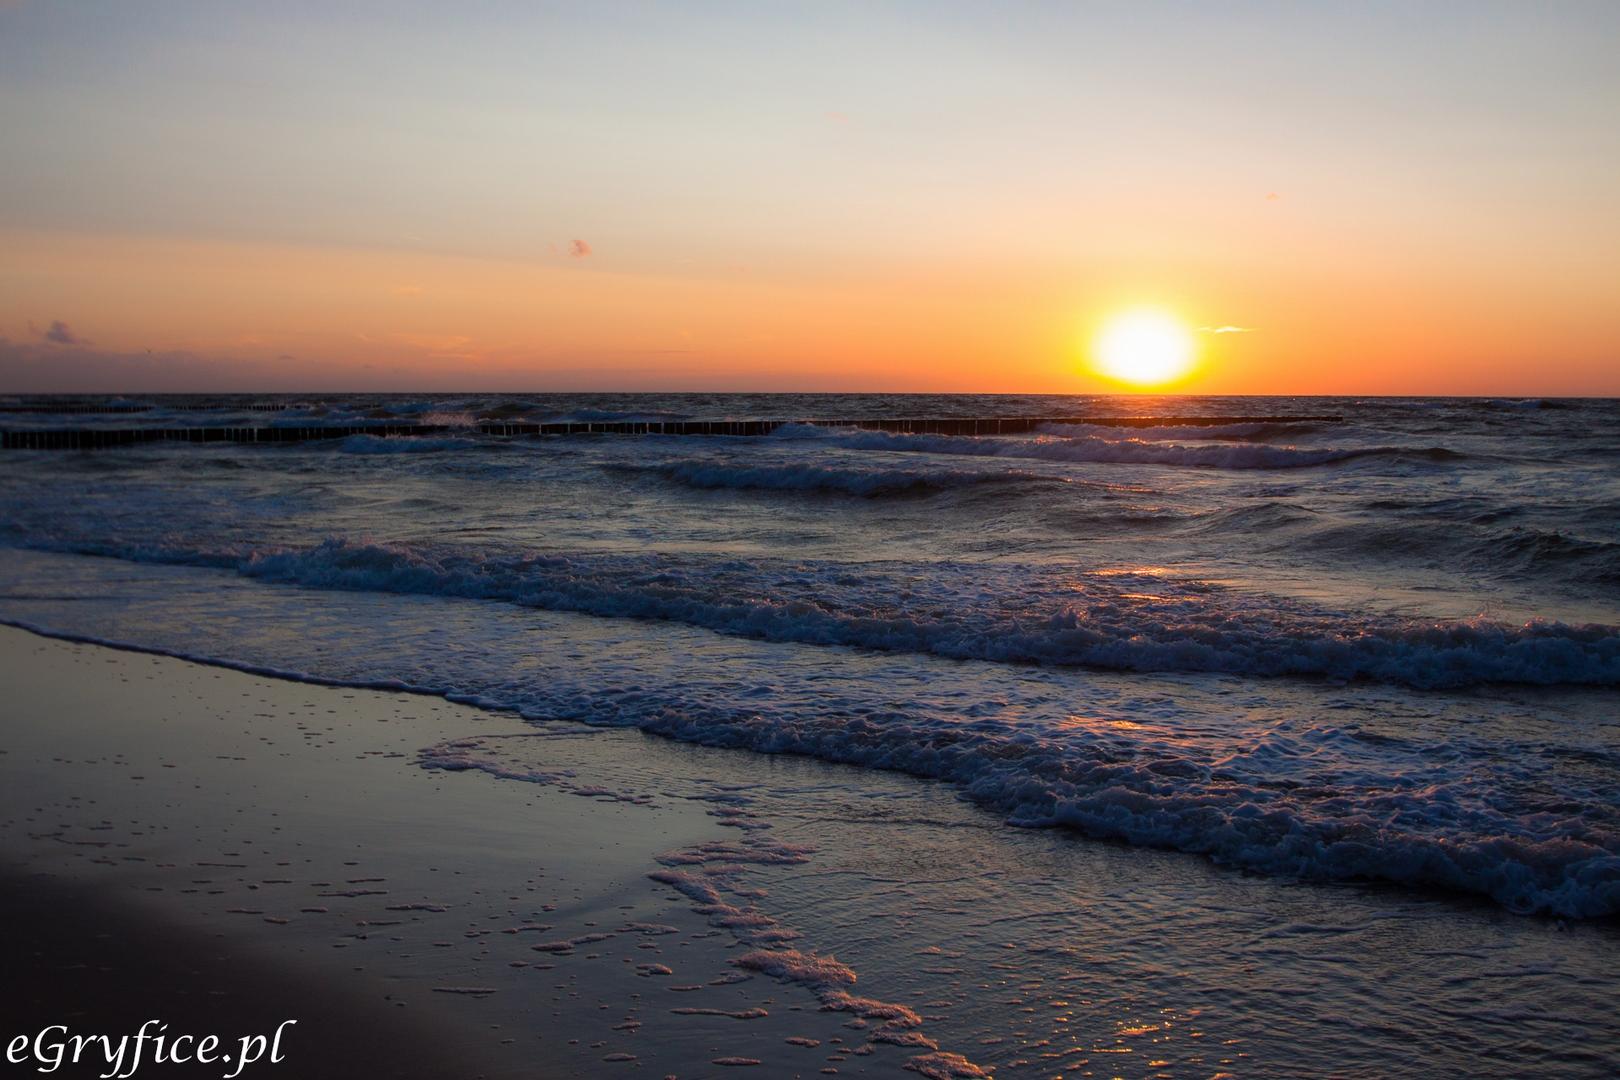 Zachód słońca na plaży w Niechorzu w powiecie gryfickim